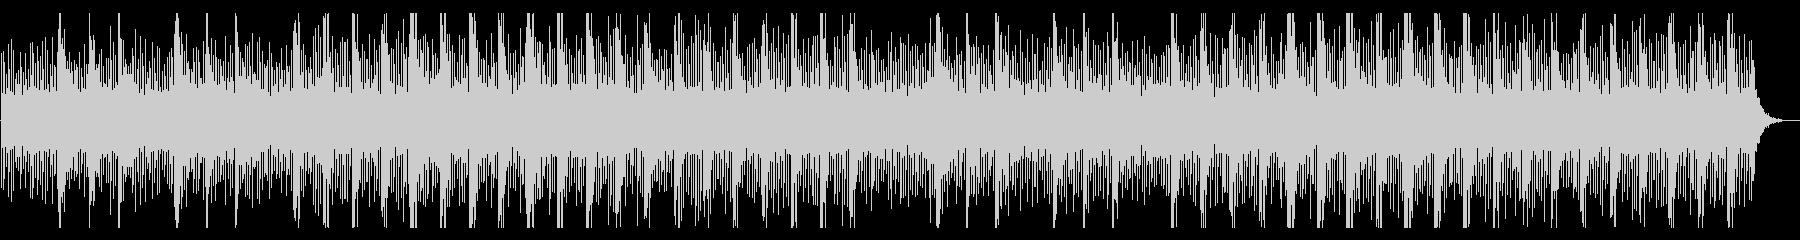 検証番組の問題提起 / ややシリアスな曲の未再生の波形